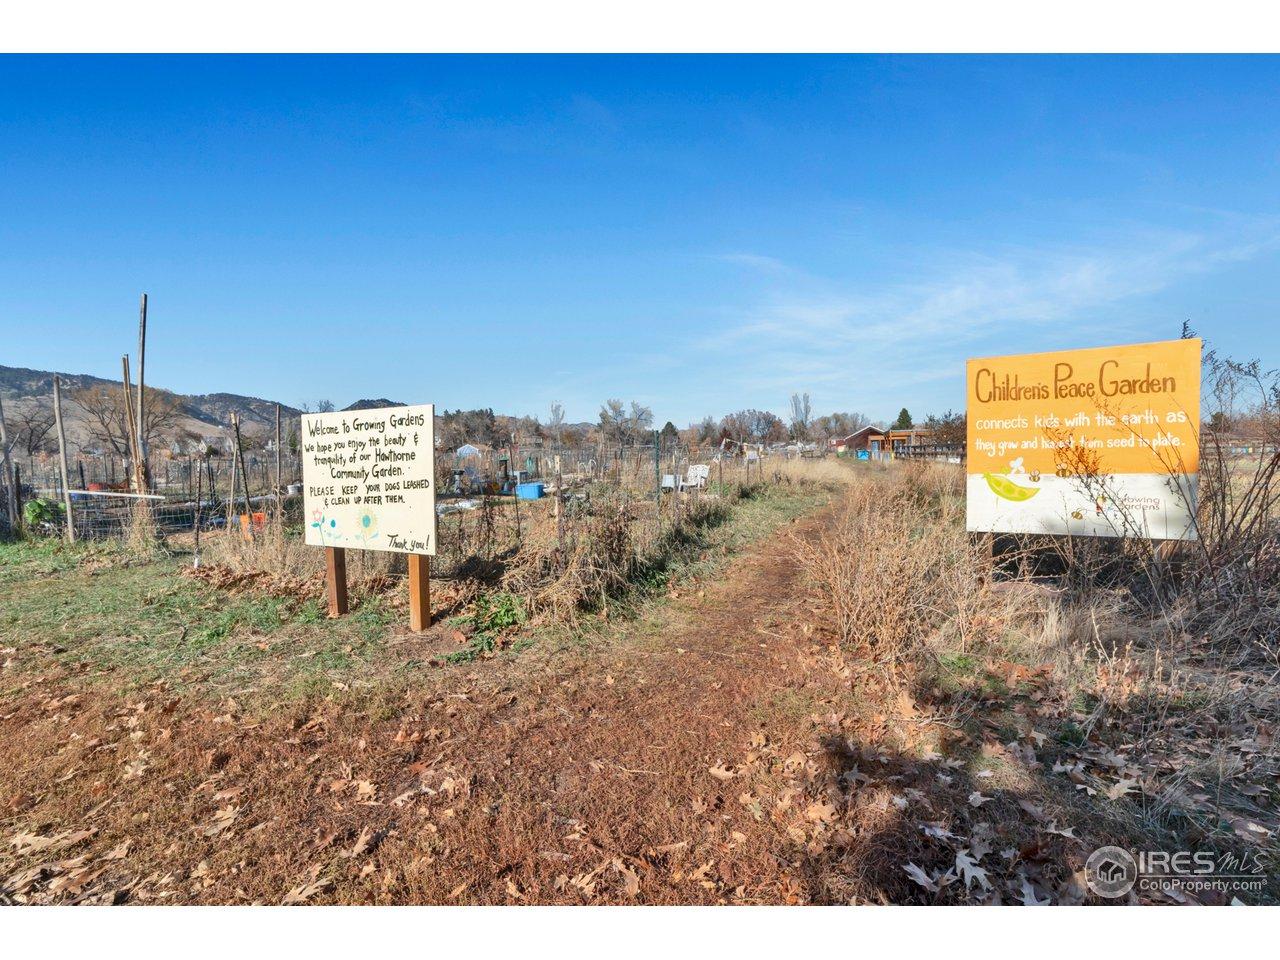 3065 15th St, Boulder, CO 80304, Boulder - SOLD LISTING, MLS # 866928    Pink Realty